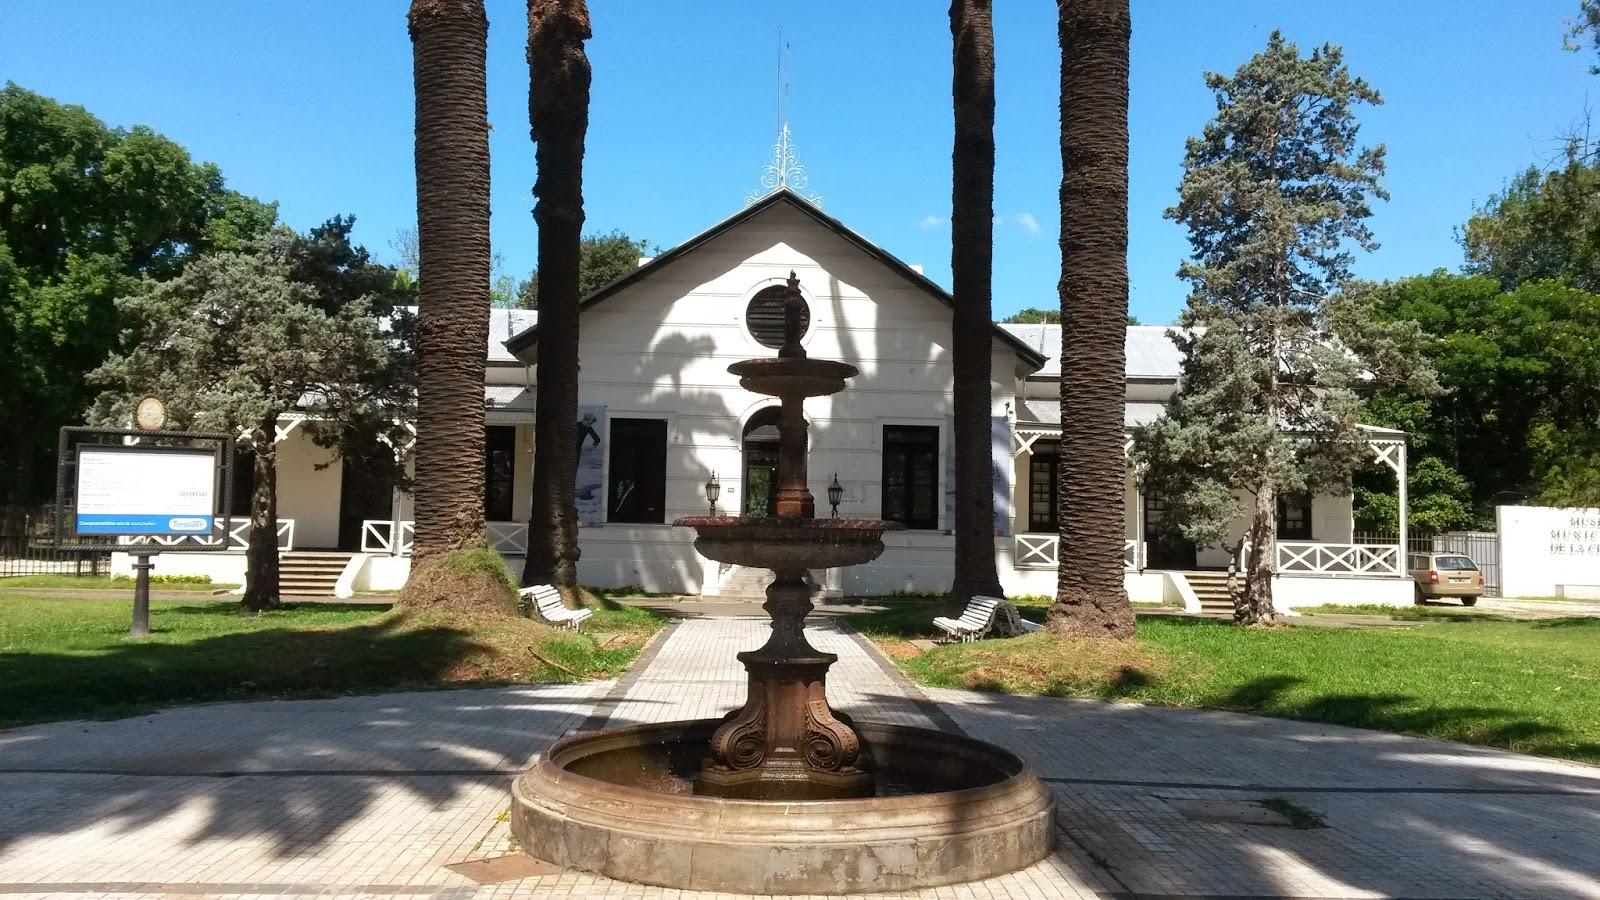 Museo de la Ciudad, Rosario, Argentina, Elisa N, Blog de Viajes, Lifestyle, Travel